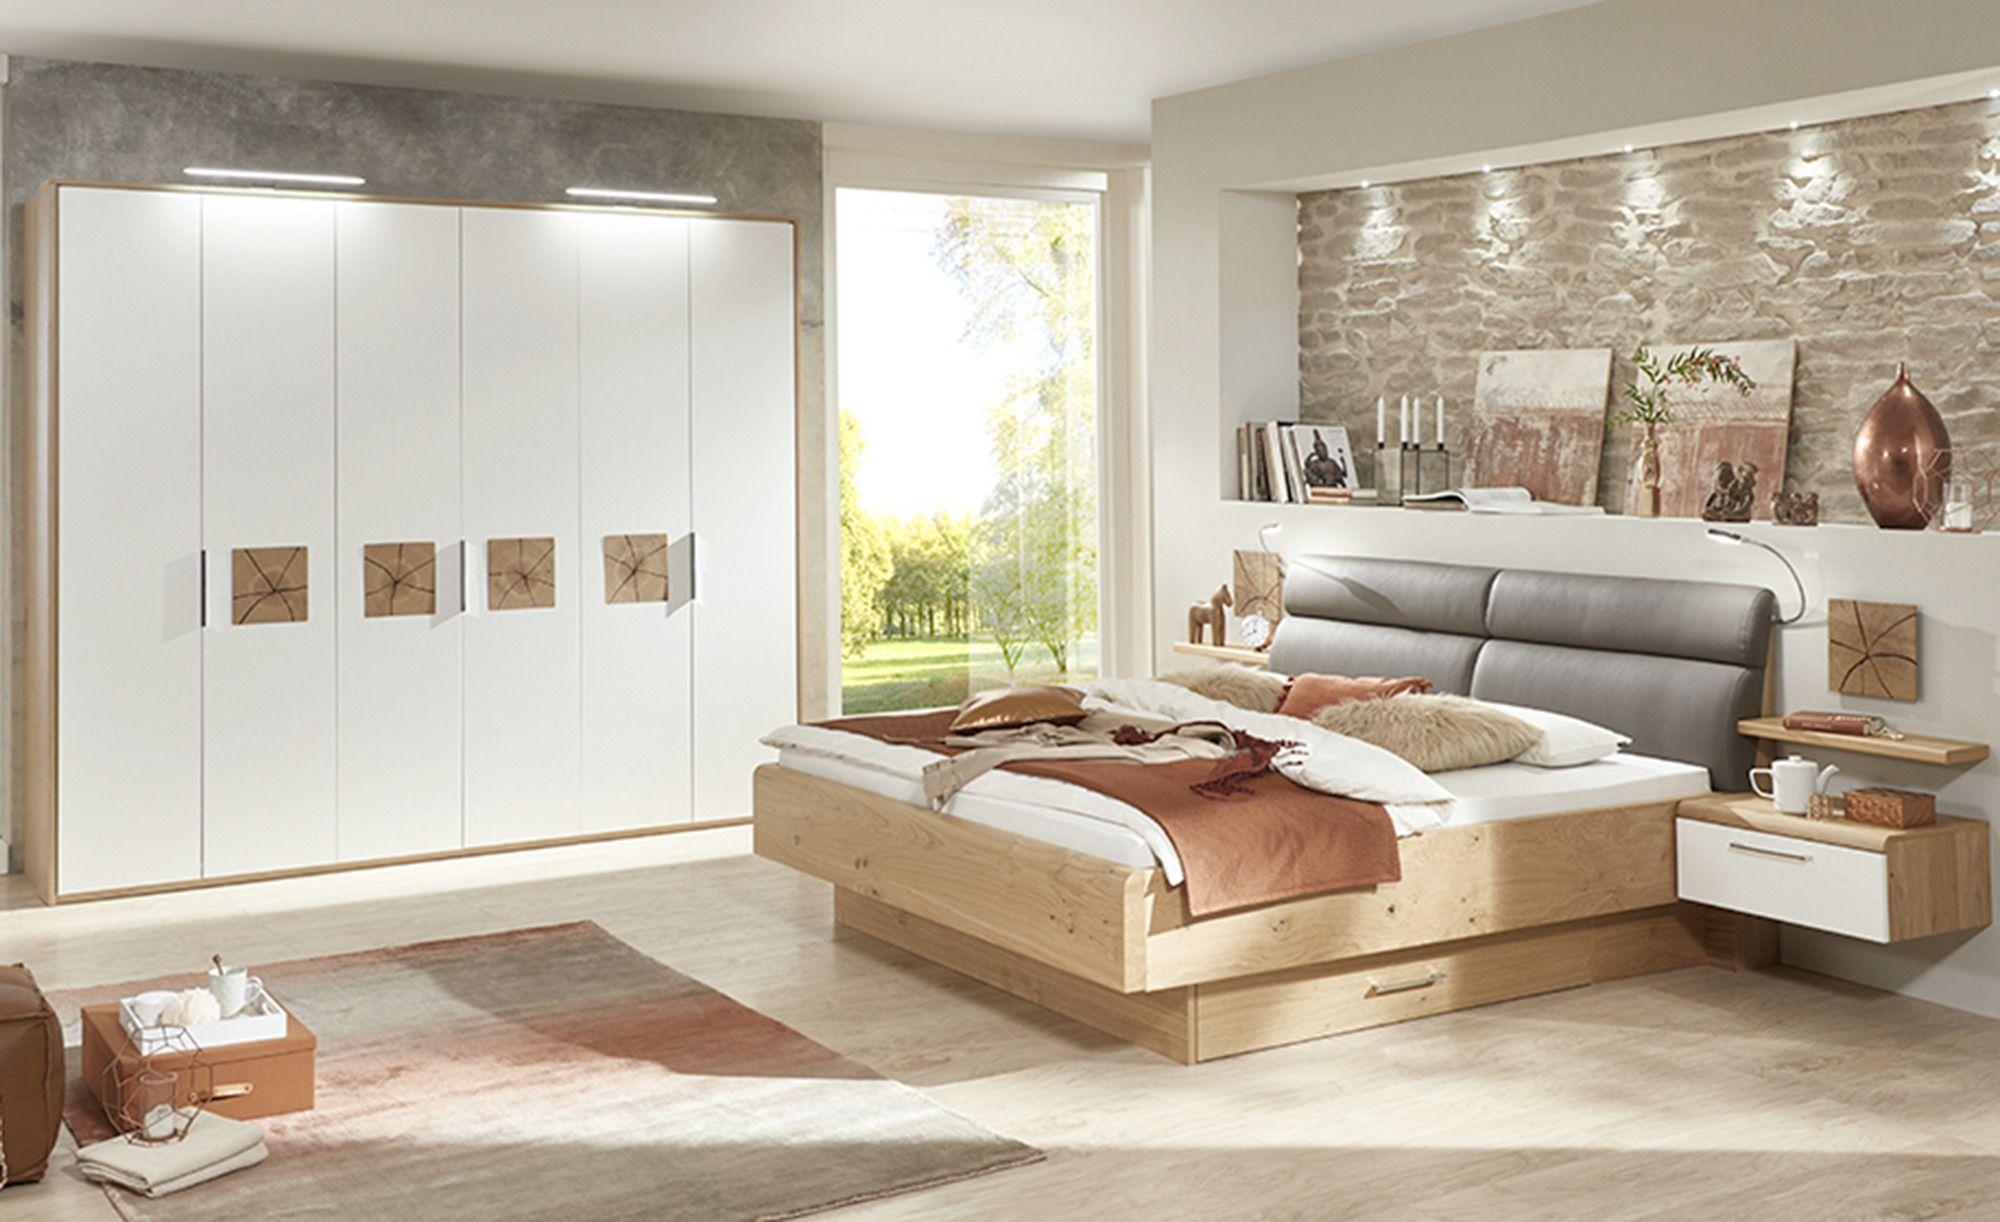 Billig schlafzimmer komplett günstig mit boxspringbett